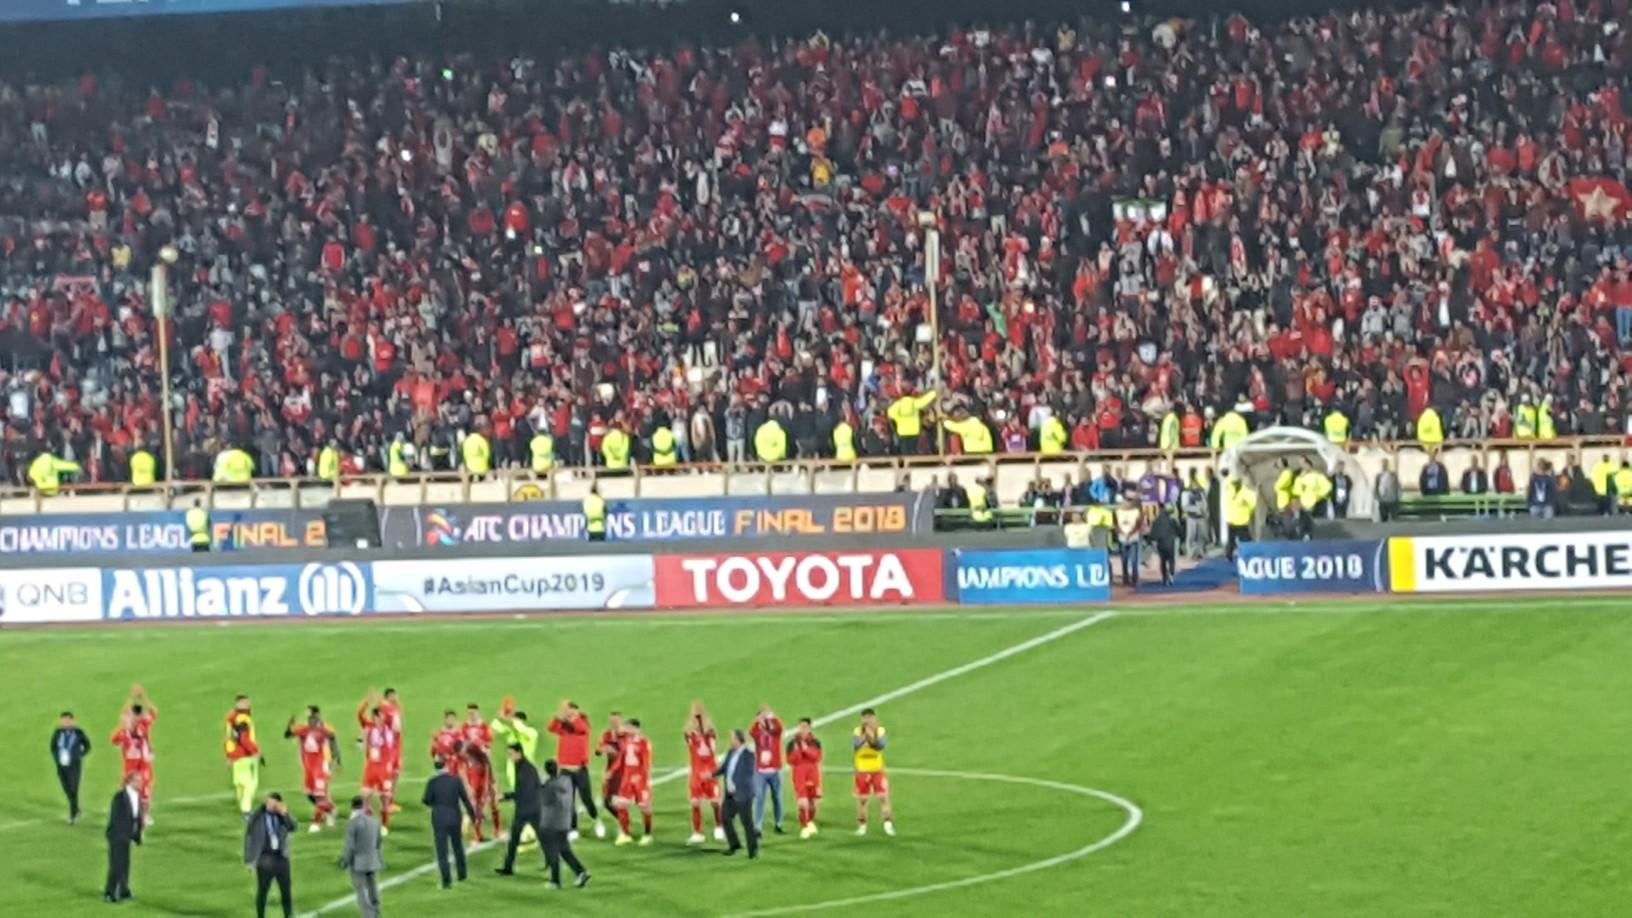 پرسپولیس ایران صفر - کاشیما ژاپن صفر/ سرخهای با تعصب با شایستگی نایب قهرمان آسیا شدند